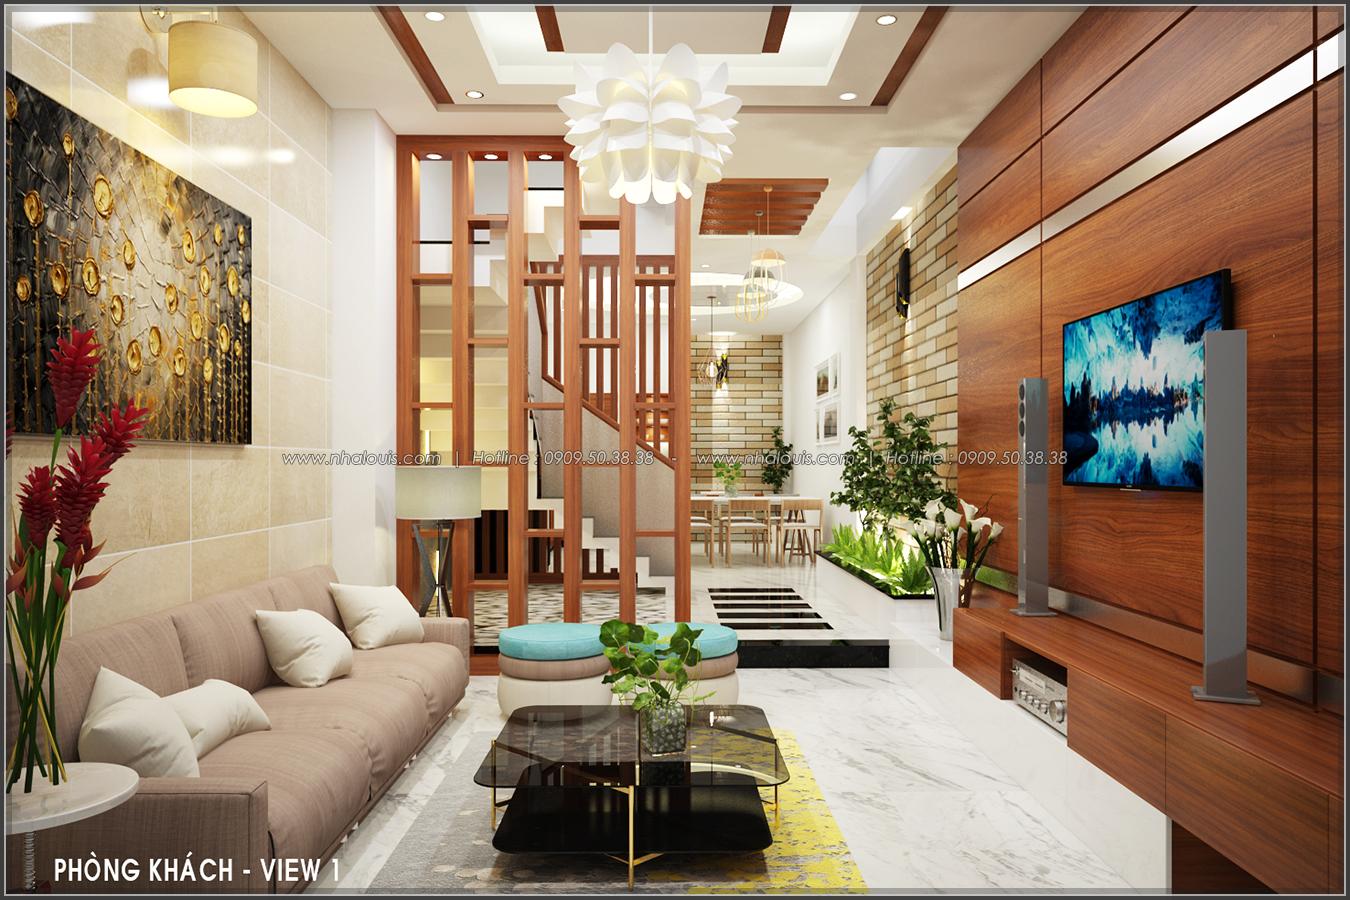 Thiết kế nội thất nhà ống đẹp tone gỗ ấm áp và sang trọng quận Tân Bình - 3